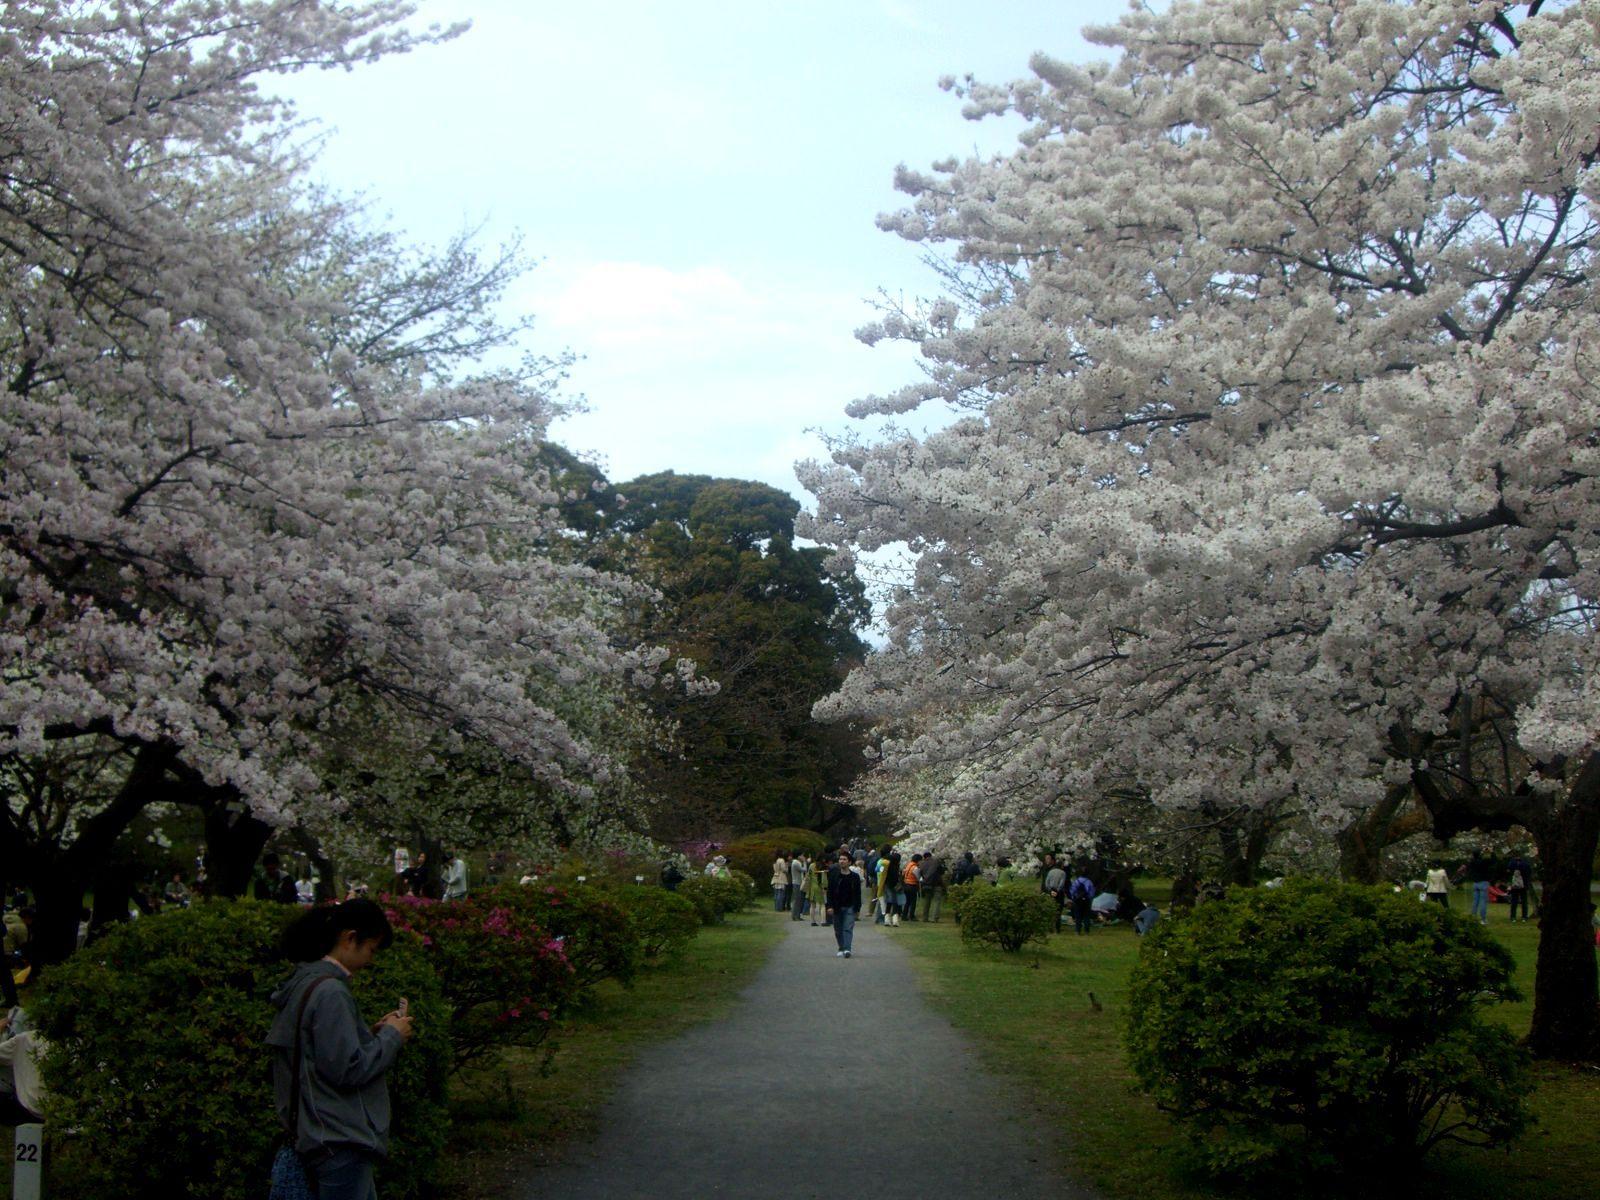 寬闊的草地和許多櫻花樹